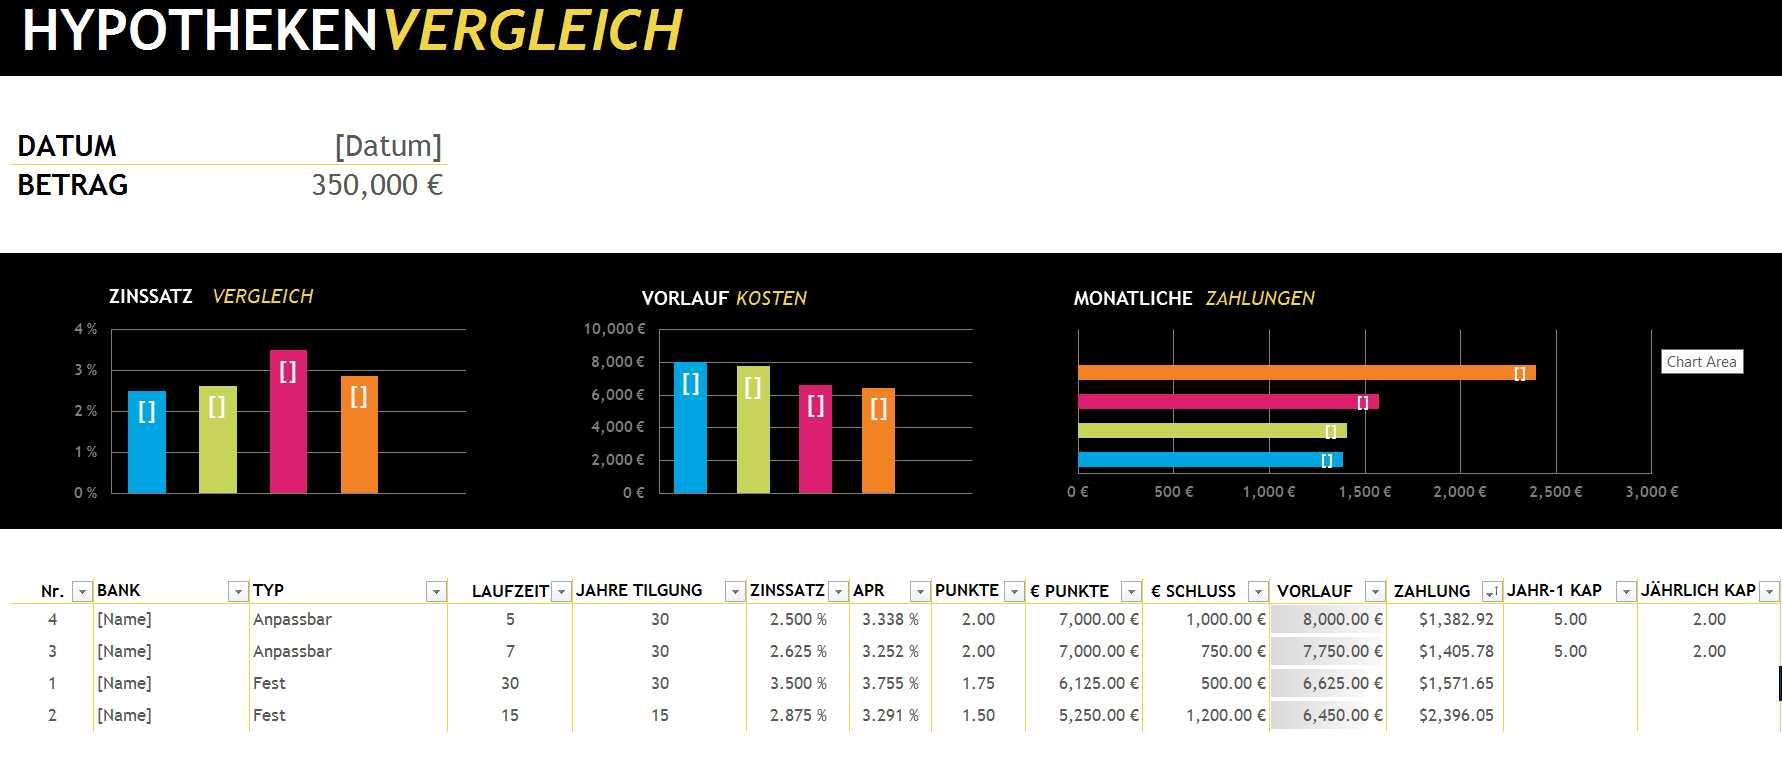 Hypothekenvergleich | Excel-Tabelle